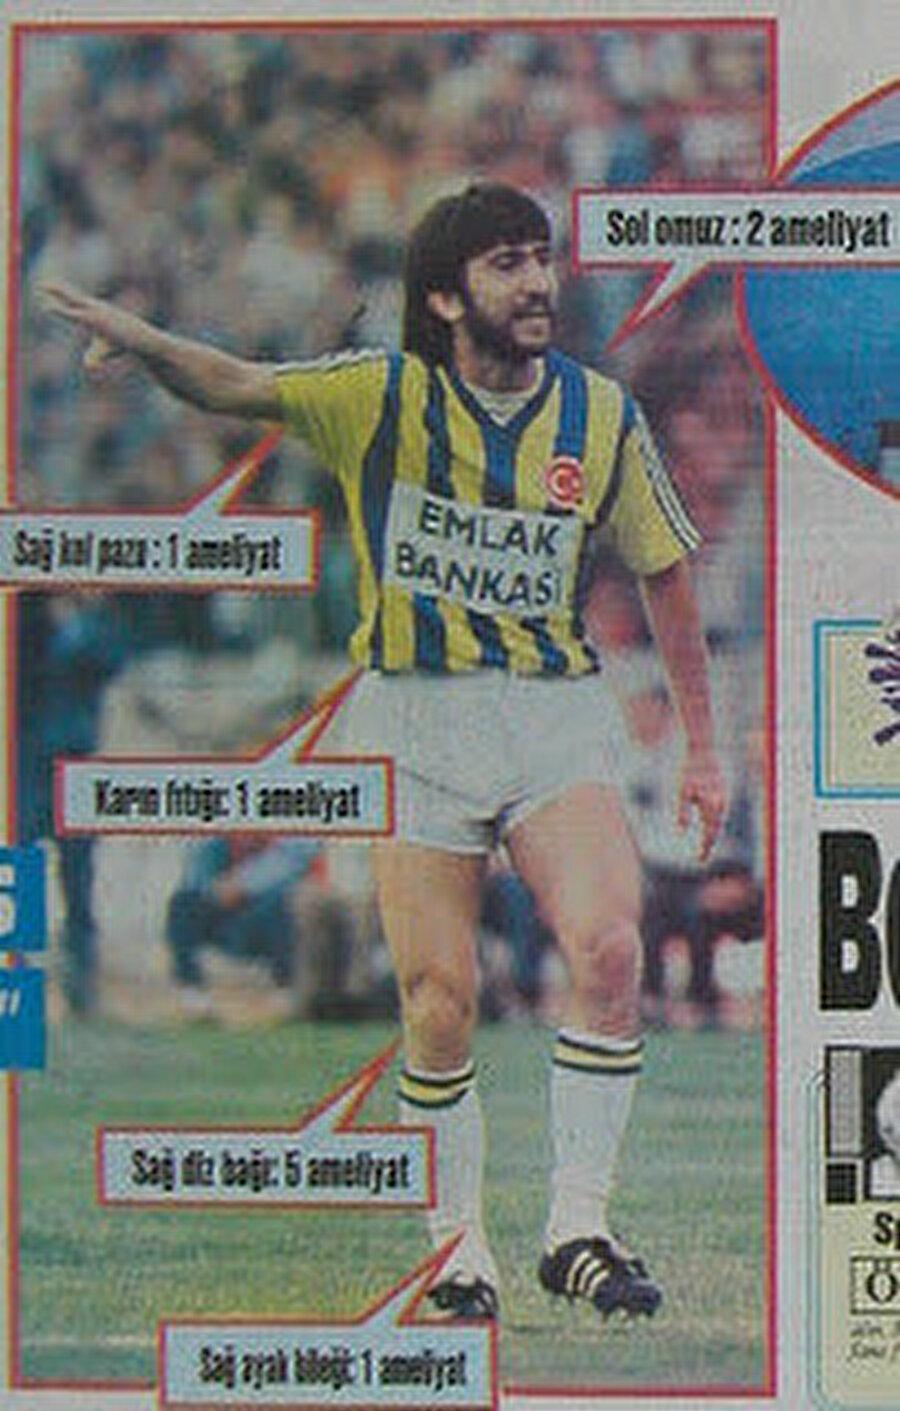 Futbol kariyeri bitti                                      1995 yılında Rıdvan Dilmen, dönemin başkanı Ali Şen'le anlaşarak Fenerbahçe'den ayrıldı.